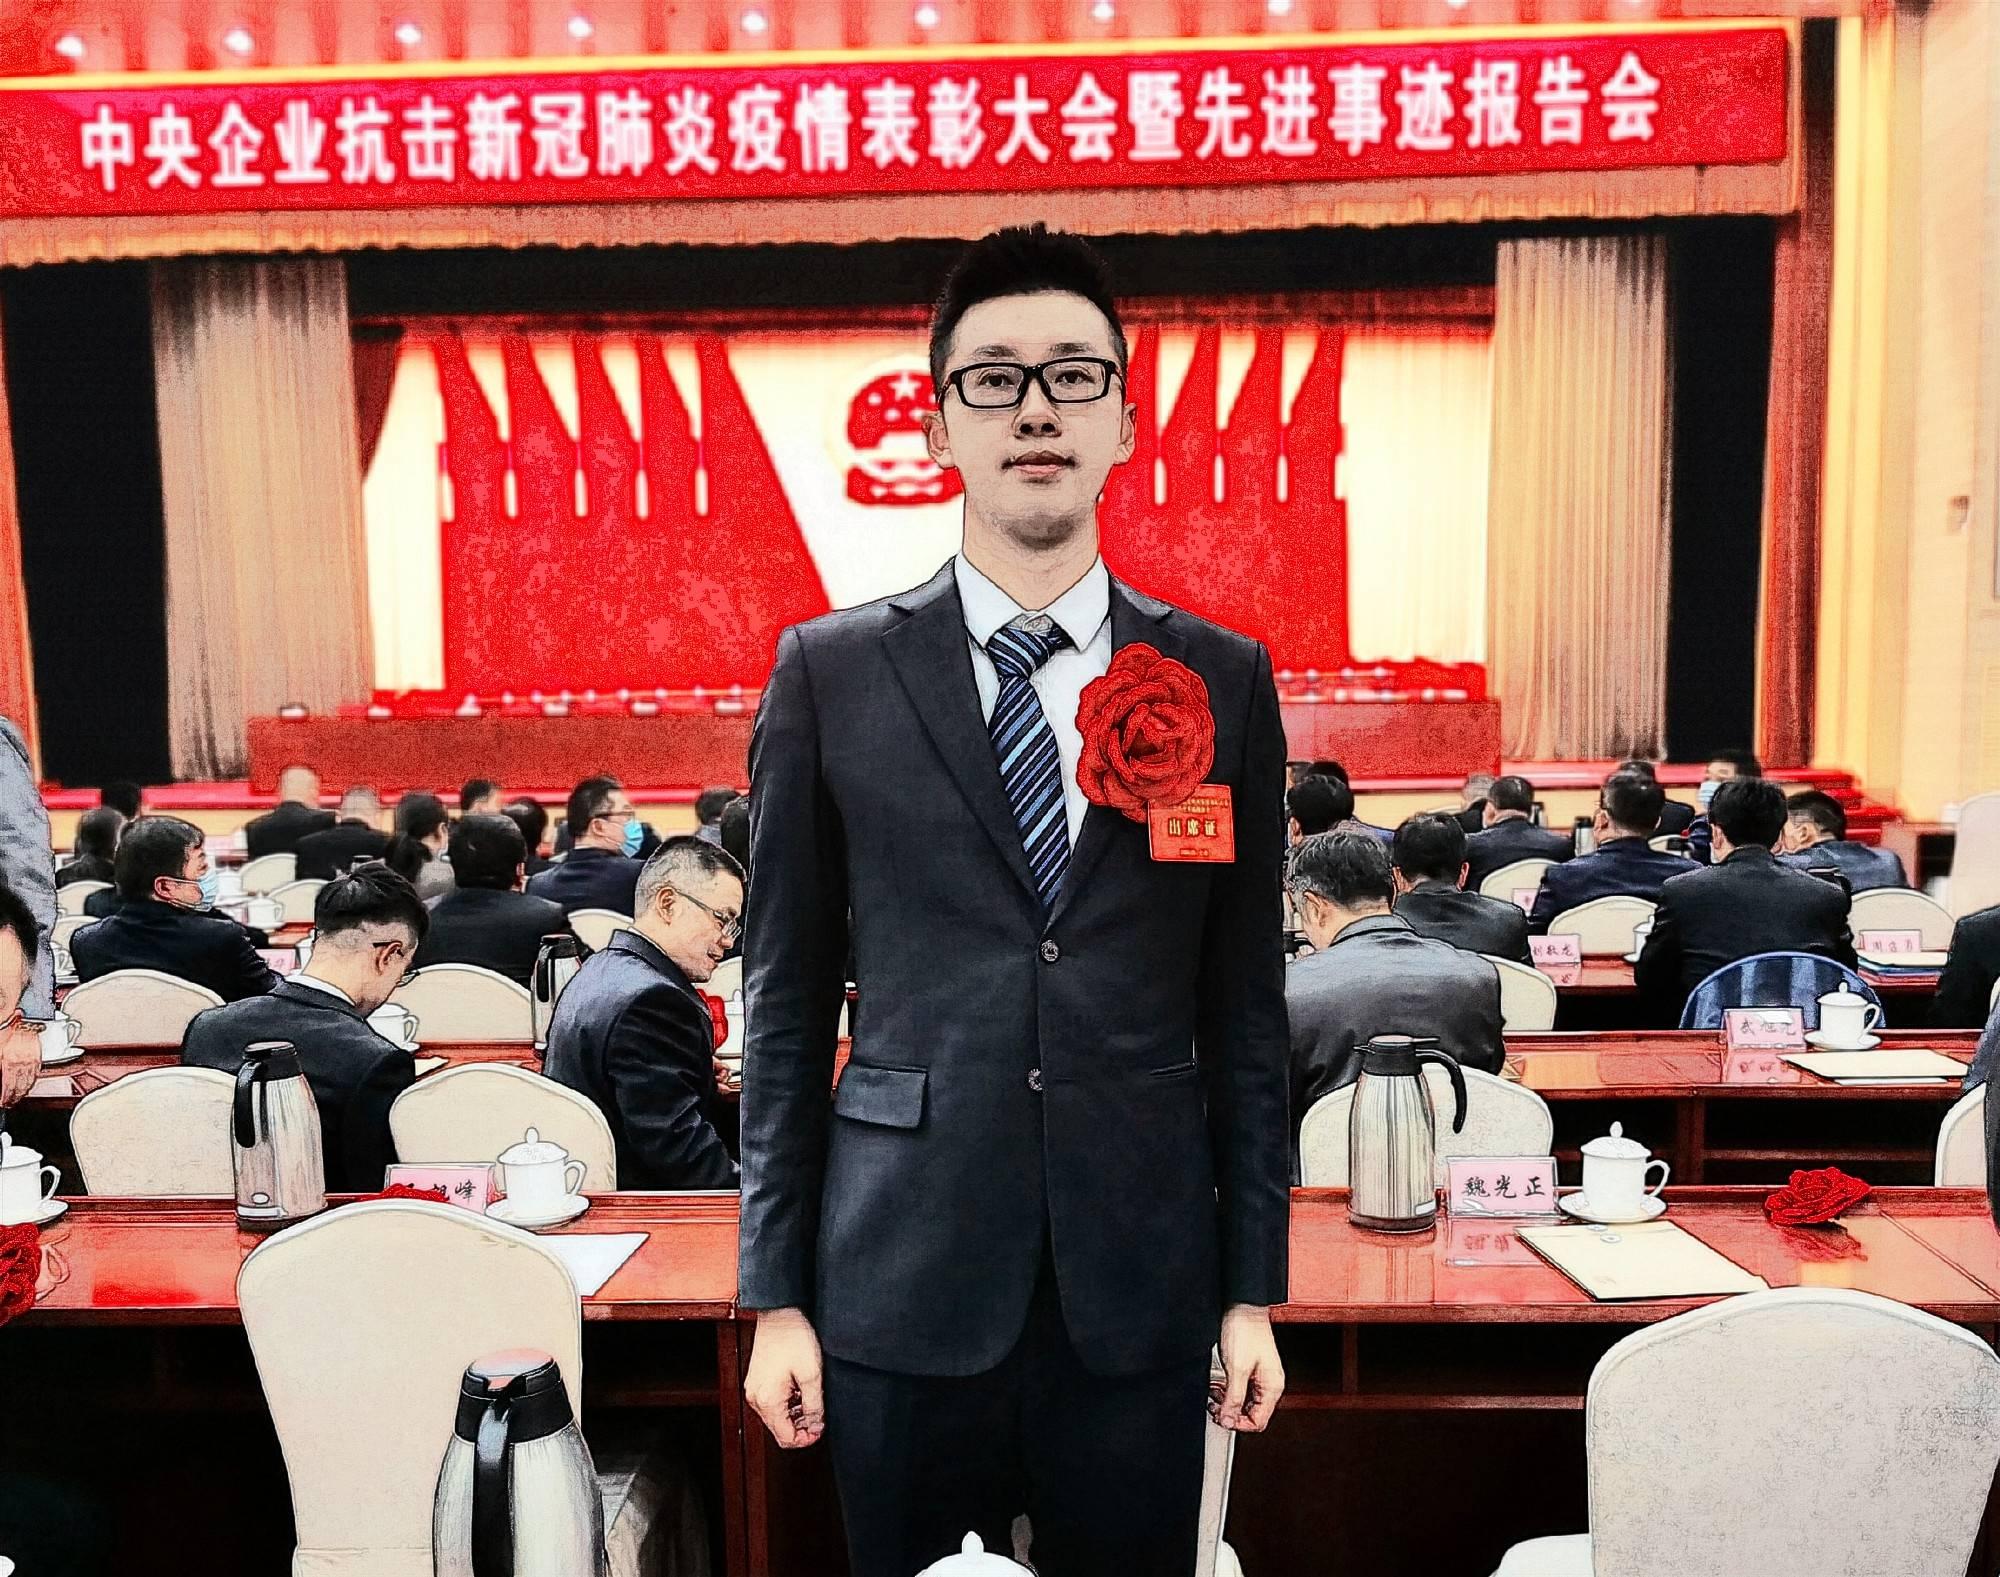 中国人的故事丨张鑫:武汉,我用大数据守护你